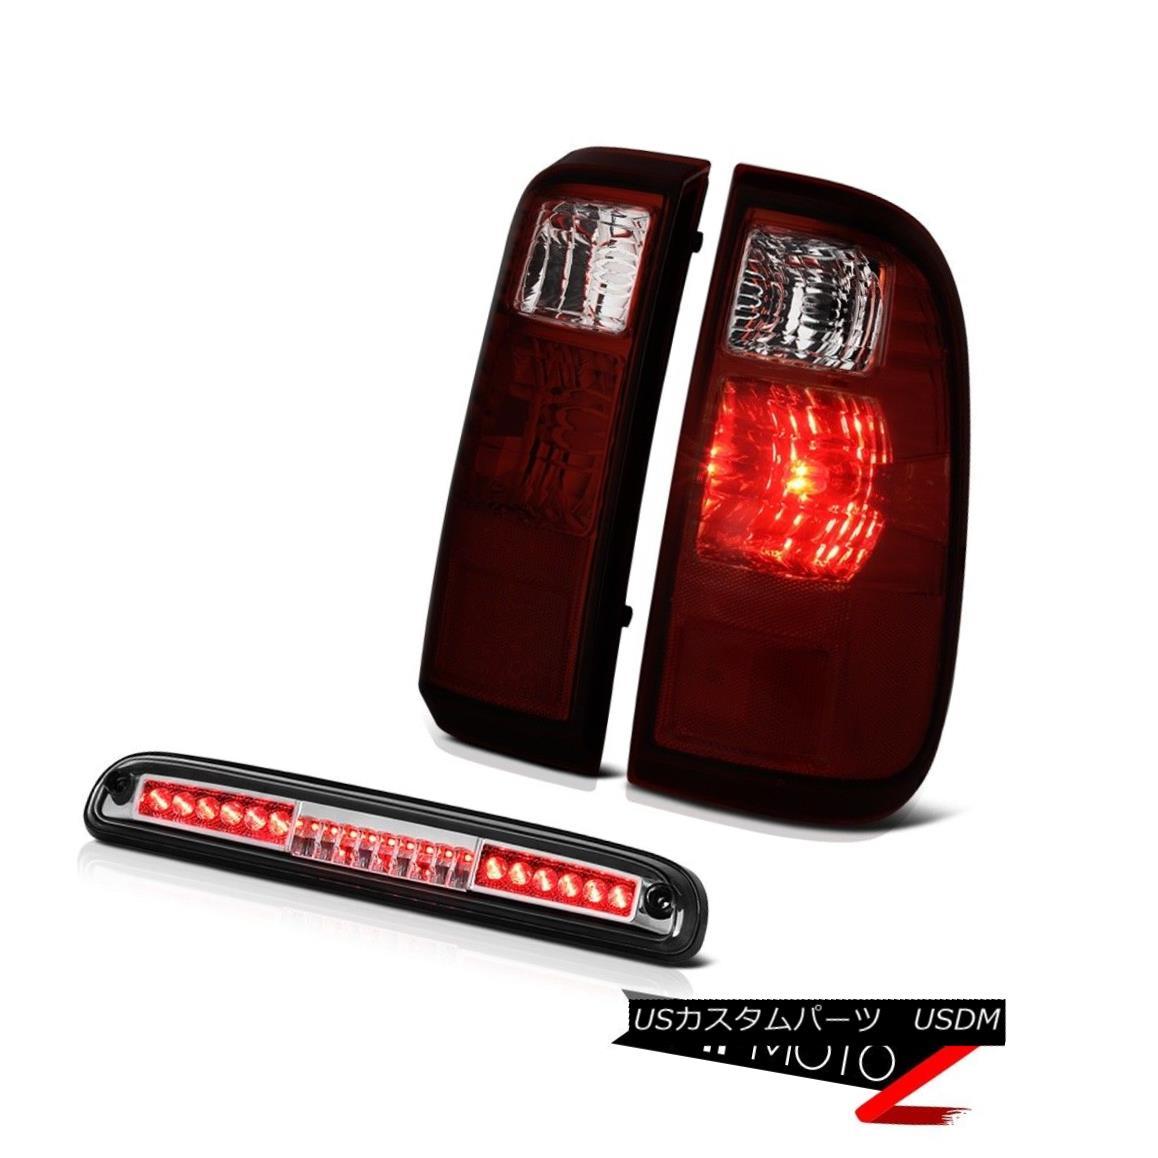 テールライト 2008 2009 2010 Ford F250 F350 SuperDuty Rear Cherry Red Tail Light LED Cargo Cab 2008年2009年2010年Ford F250 F350 SuperDutyリアチェリーレッドテールライトLEDカーゴキャブ